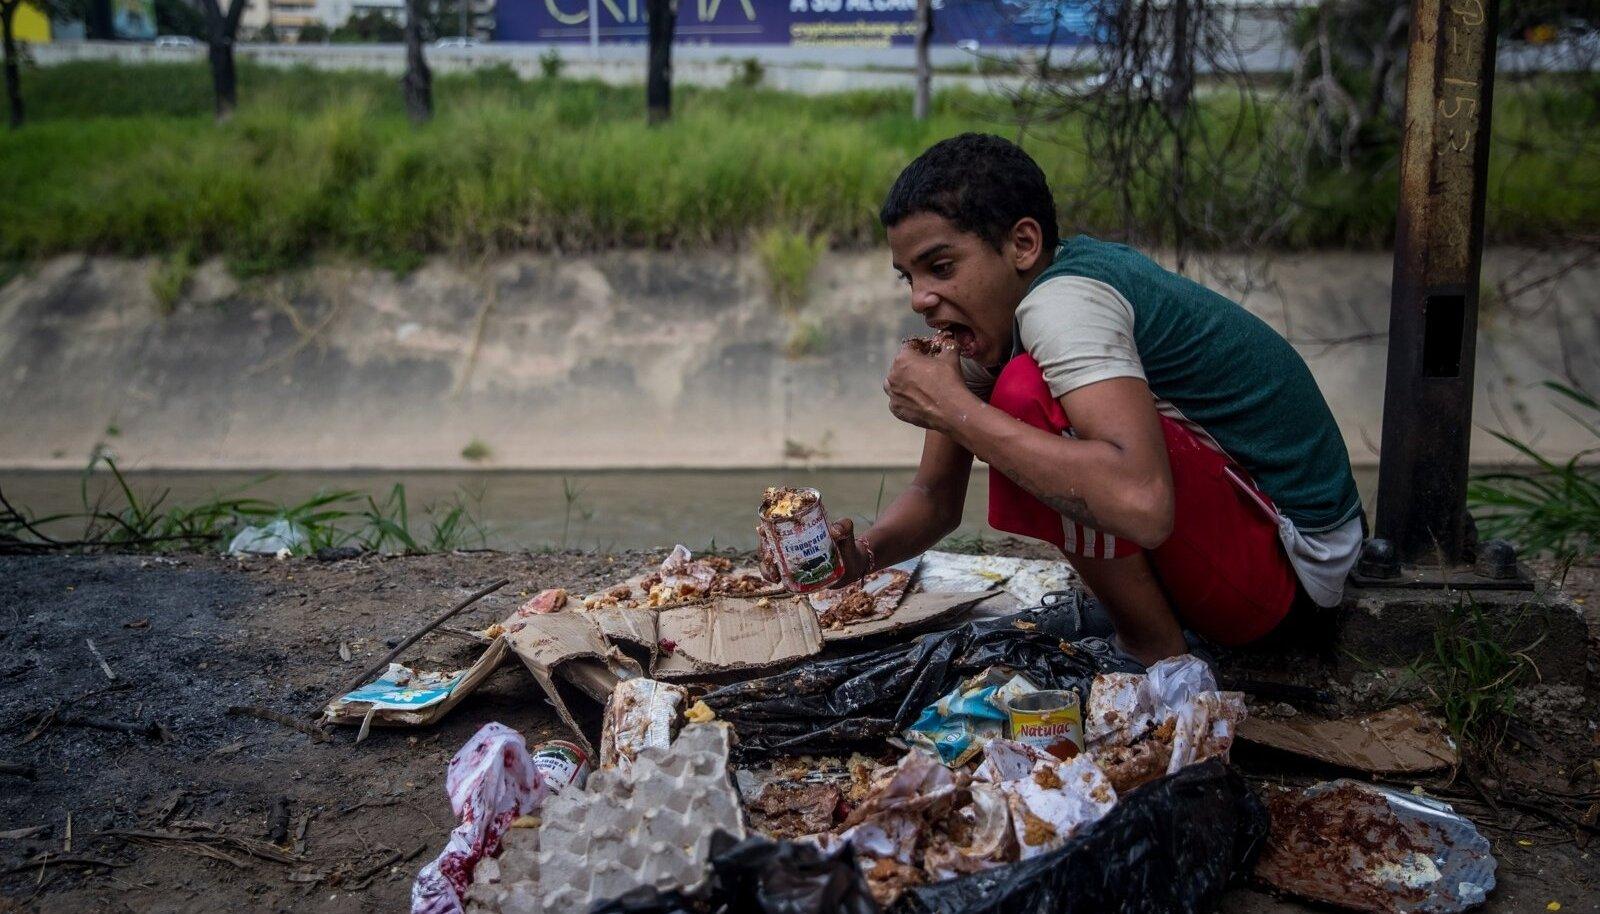 Jesus (16) sööb toitu, mille leidis pagarikoja prügikotist. Pilt on tehtud Venezuela pealinnas Caracases 10. novembril 2018. Raske majandus- ja sotsiaalkriisi tõttu kubisevad Caracase tänavad kodututest lastest.